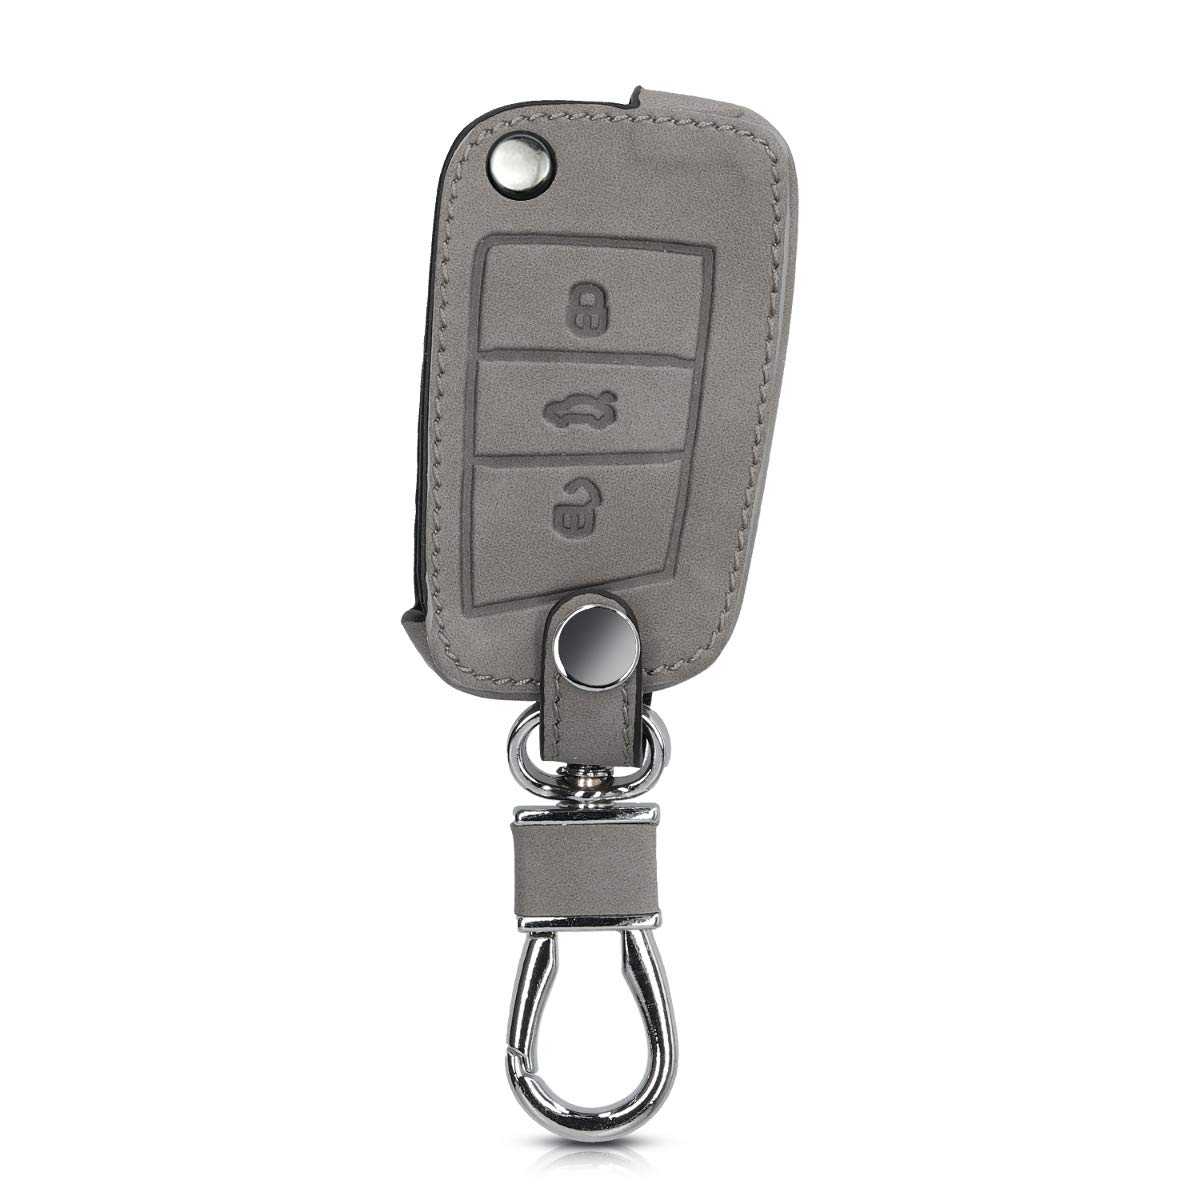 kwmobile Funda para VW Golf 7 MK7 - Carcasa de Piel de Nobuck sintética para Mando de Coche Llave de 3 Botones para Coche VW Golf 7 MK7 - Gris